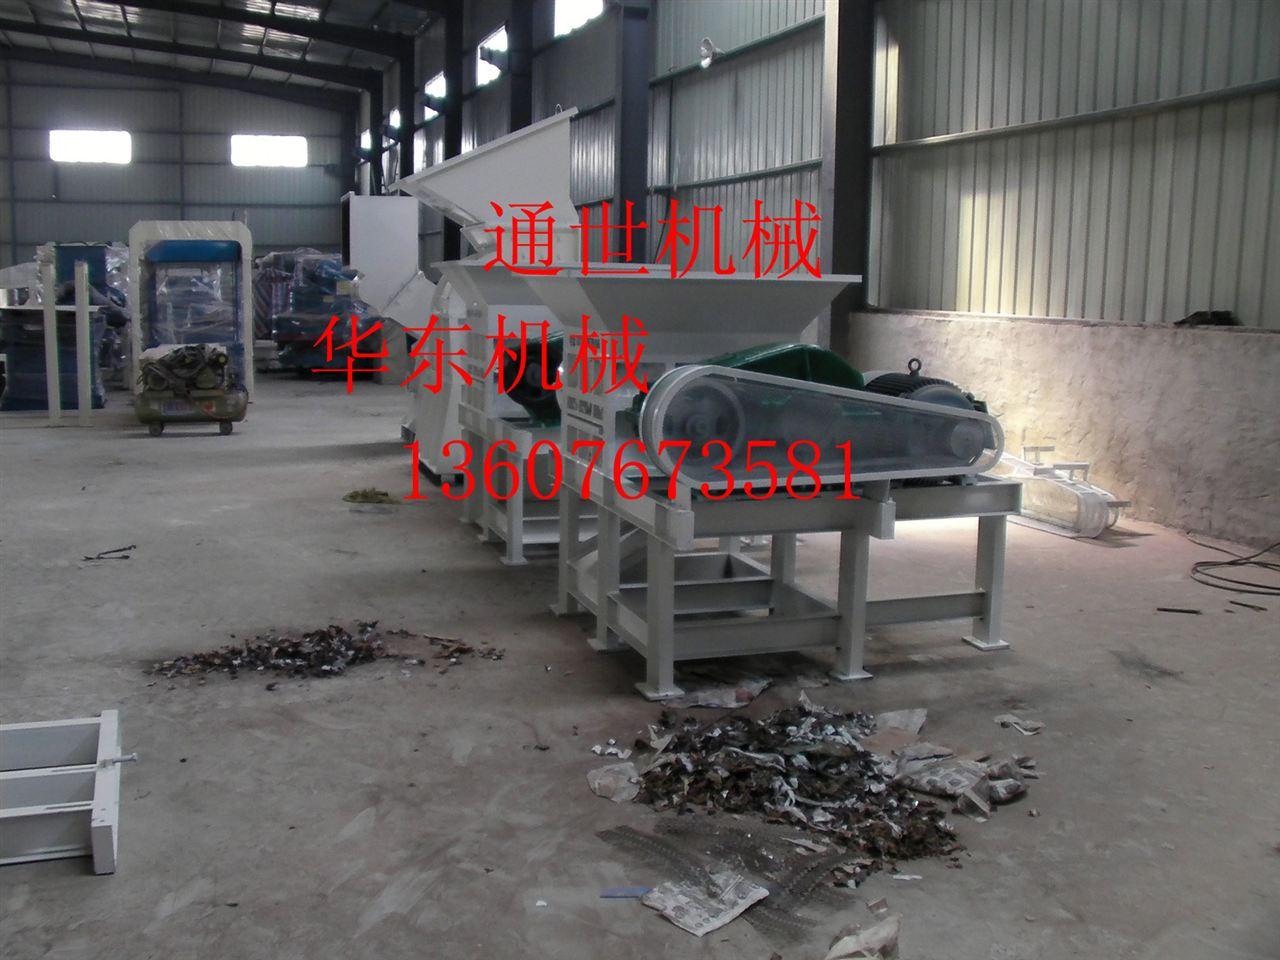 河南省巩义市华东冶矿机械厂